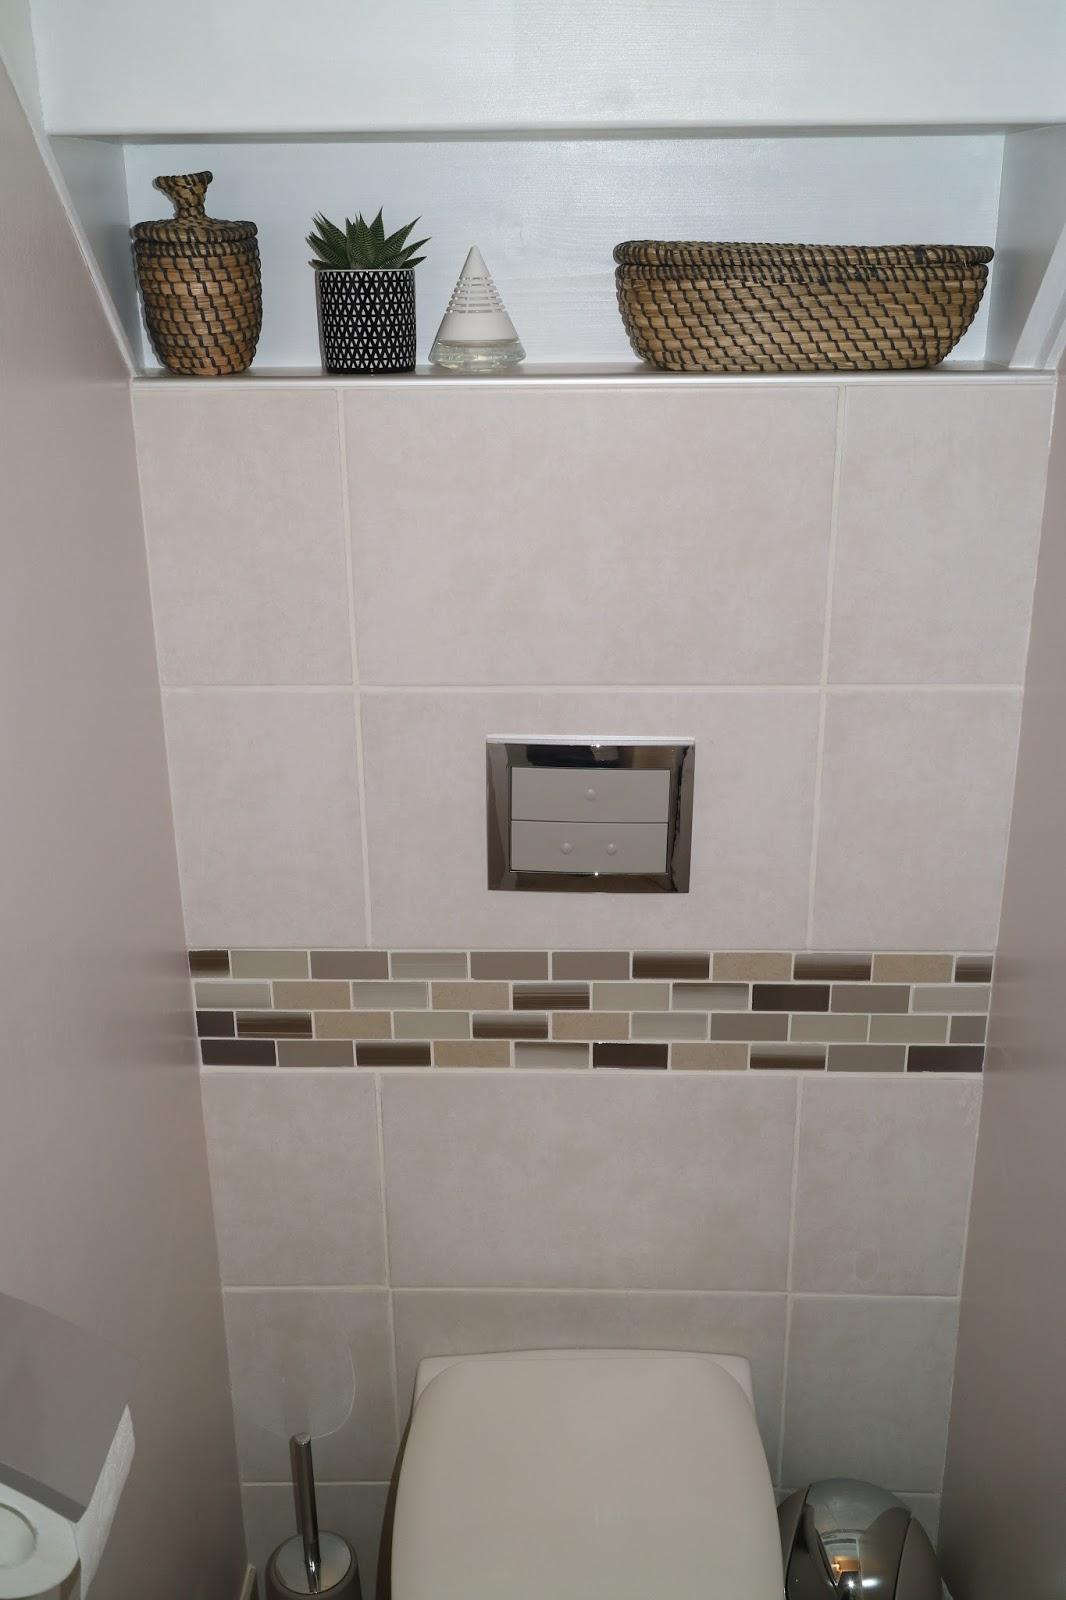 Peinture Pour Les Toilettes avant/après travaux de rénovation wc | clairemakeupandco